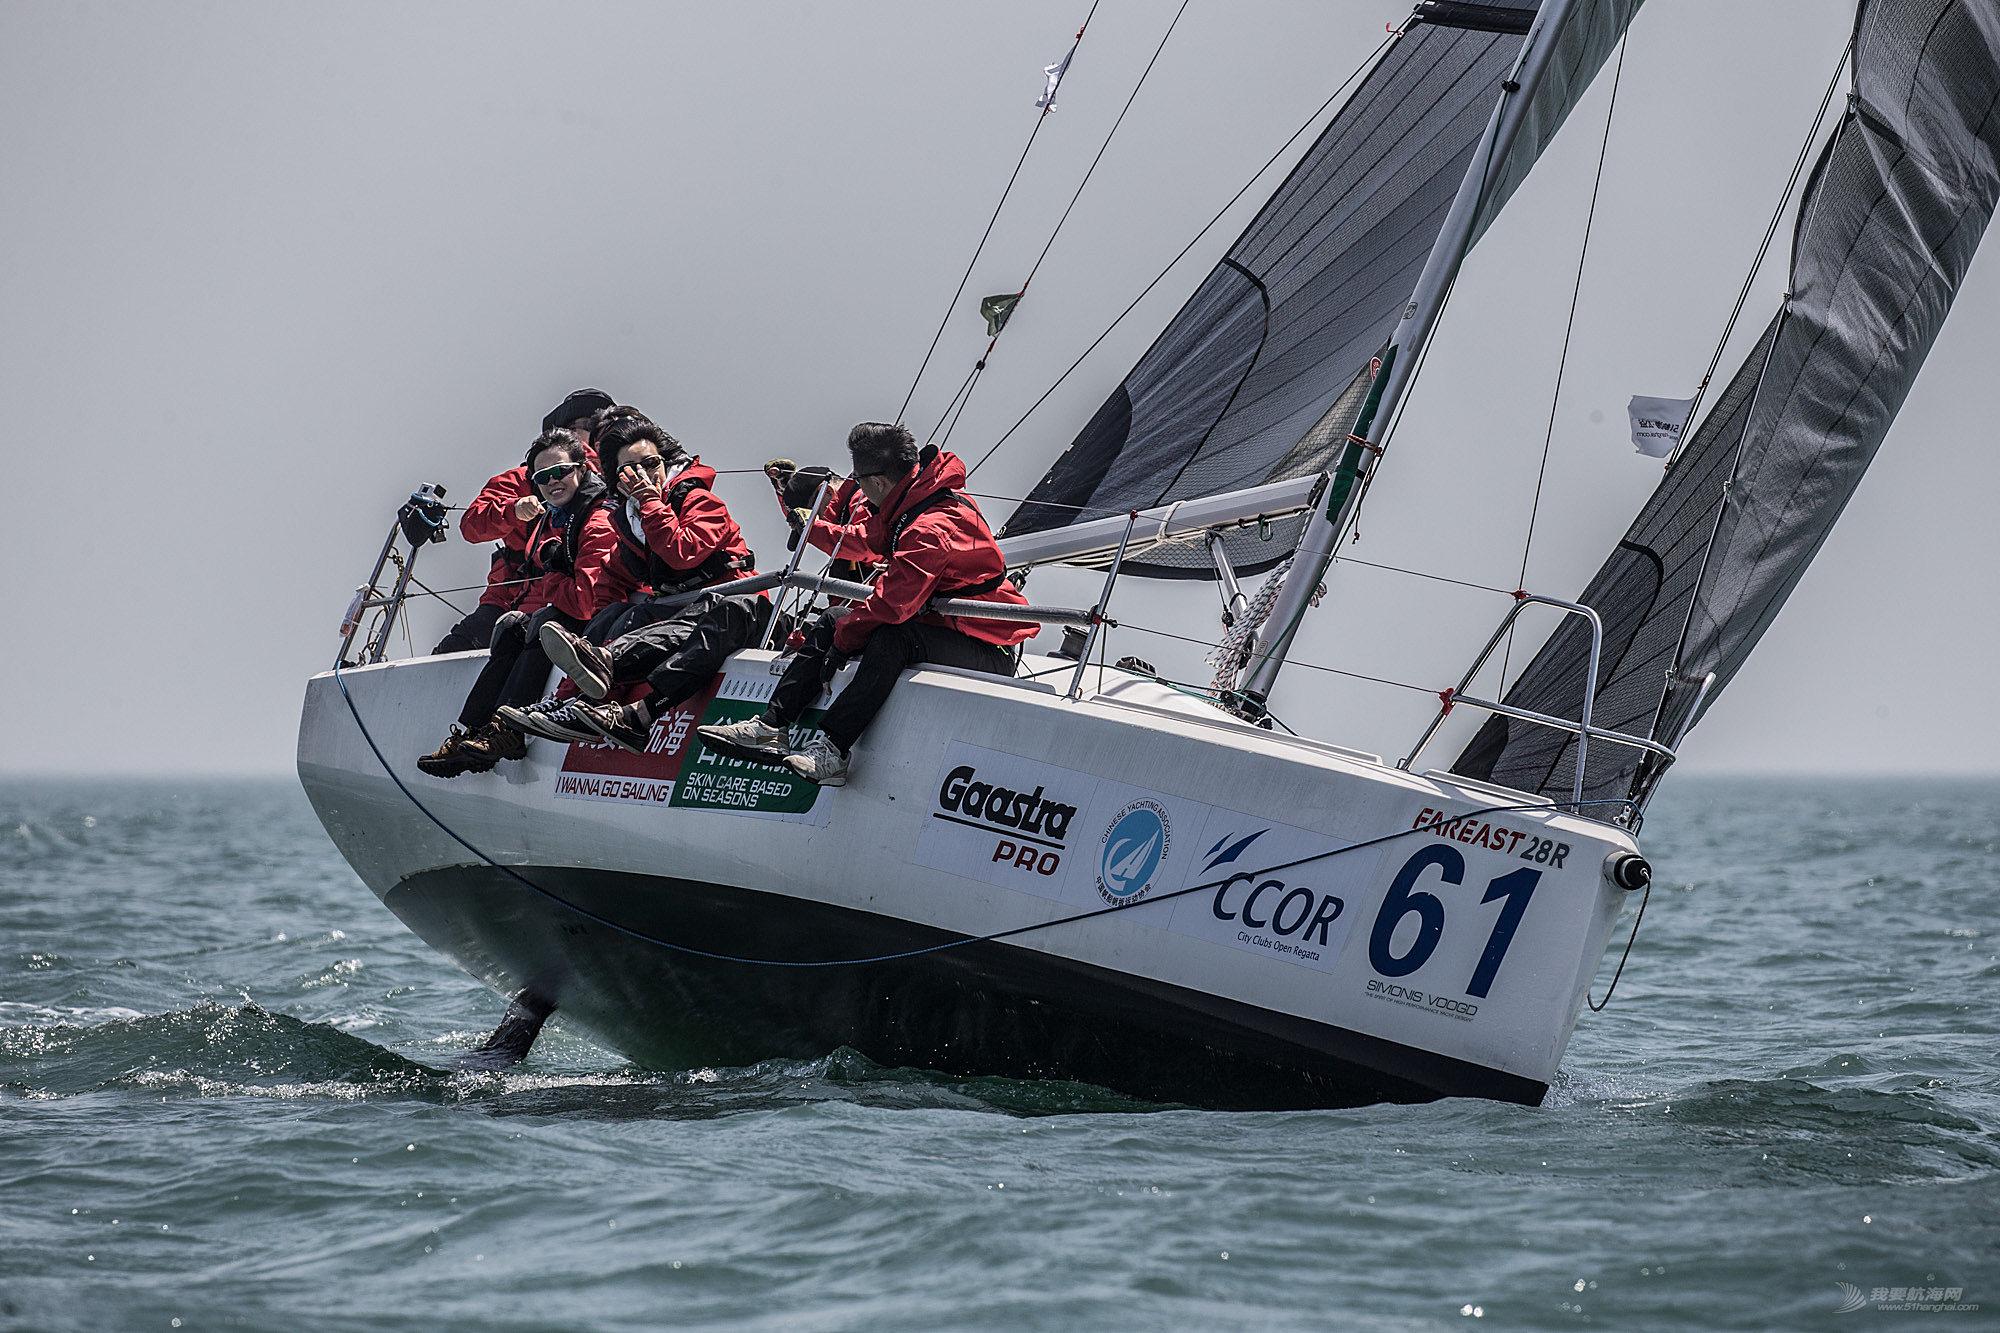 2019第十届CCOR帆船赛精彩图片15